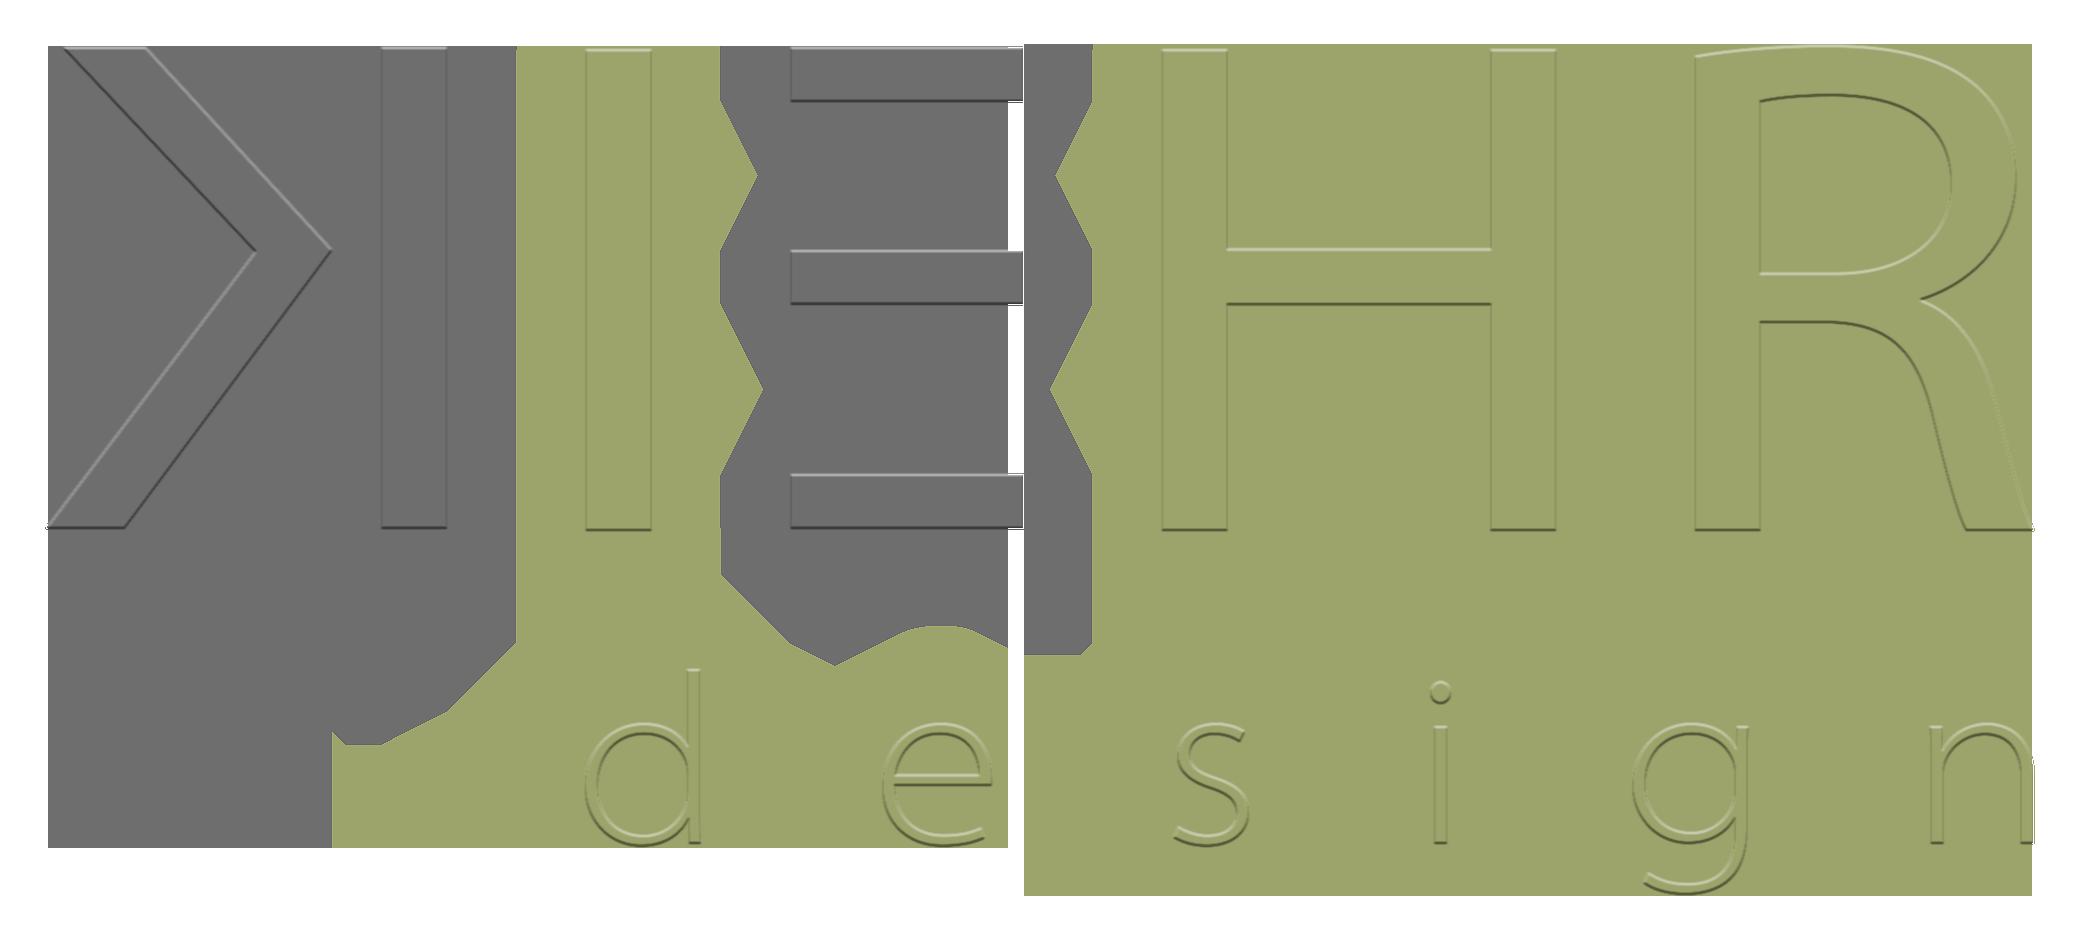 Kiehr design gmbh for Burodesign gmbh logo